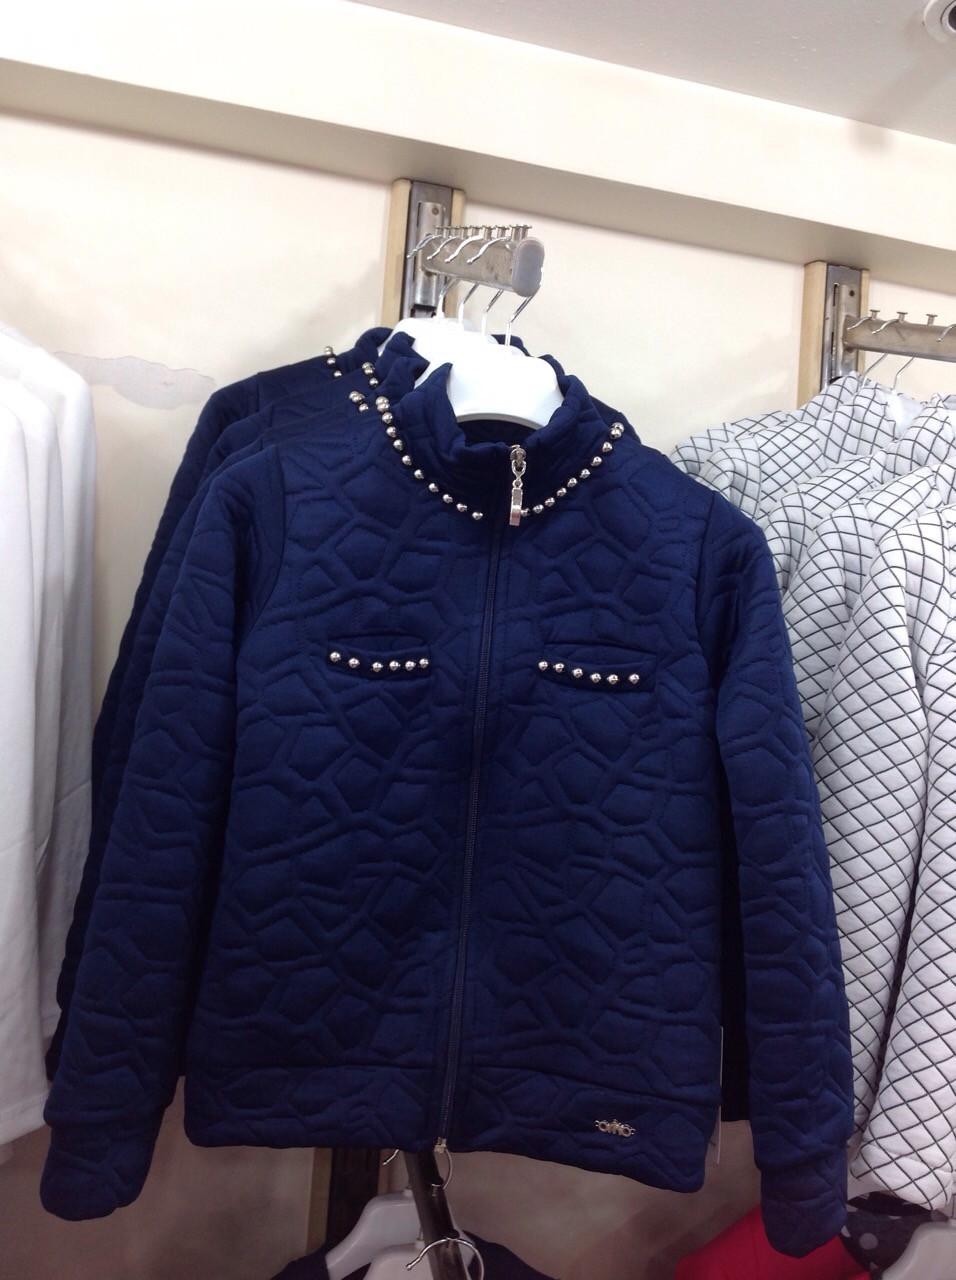 36600fc9929b Детская одежда оптом Куртка для девочек Orko оптом р.8-12 лет, цена ...